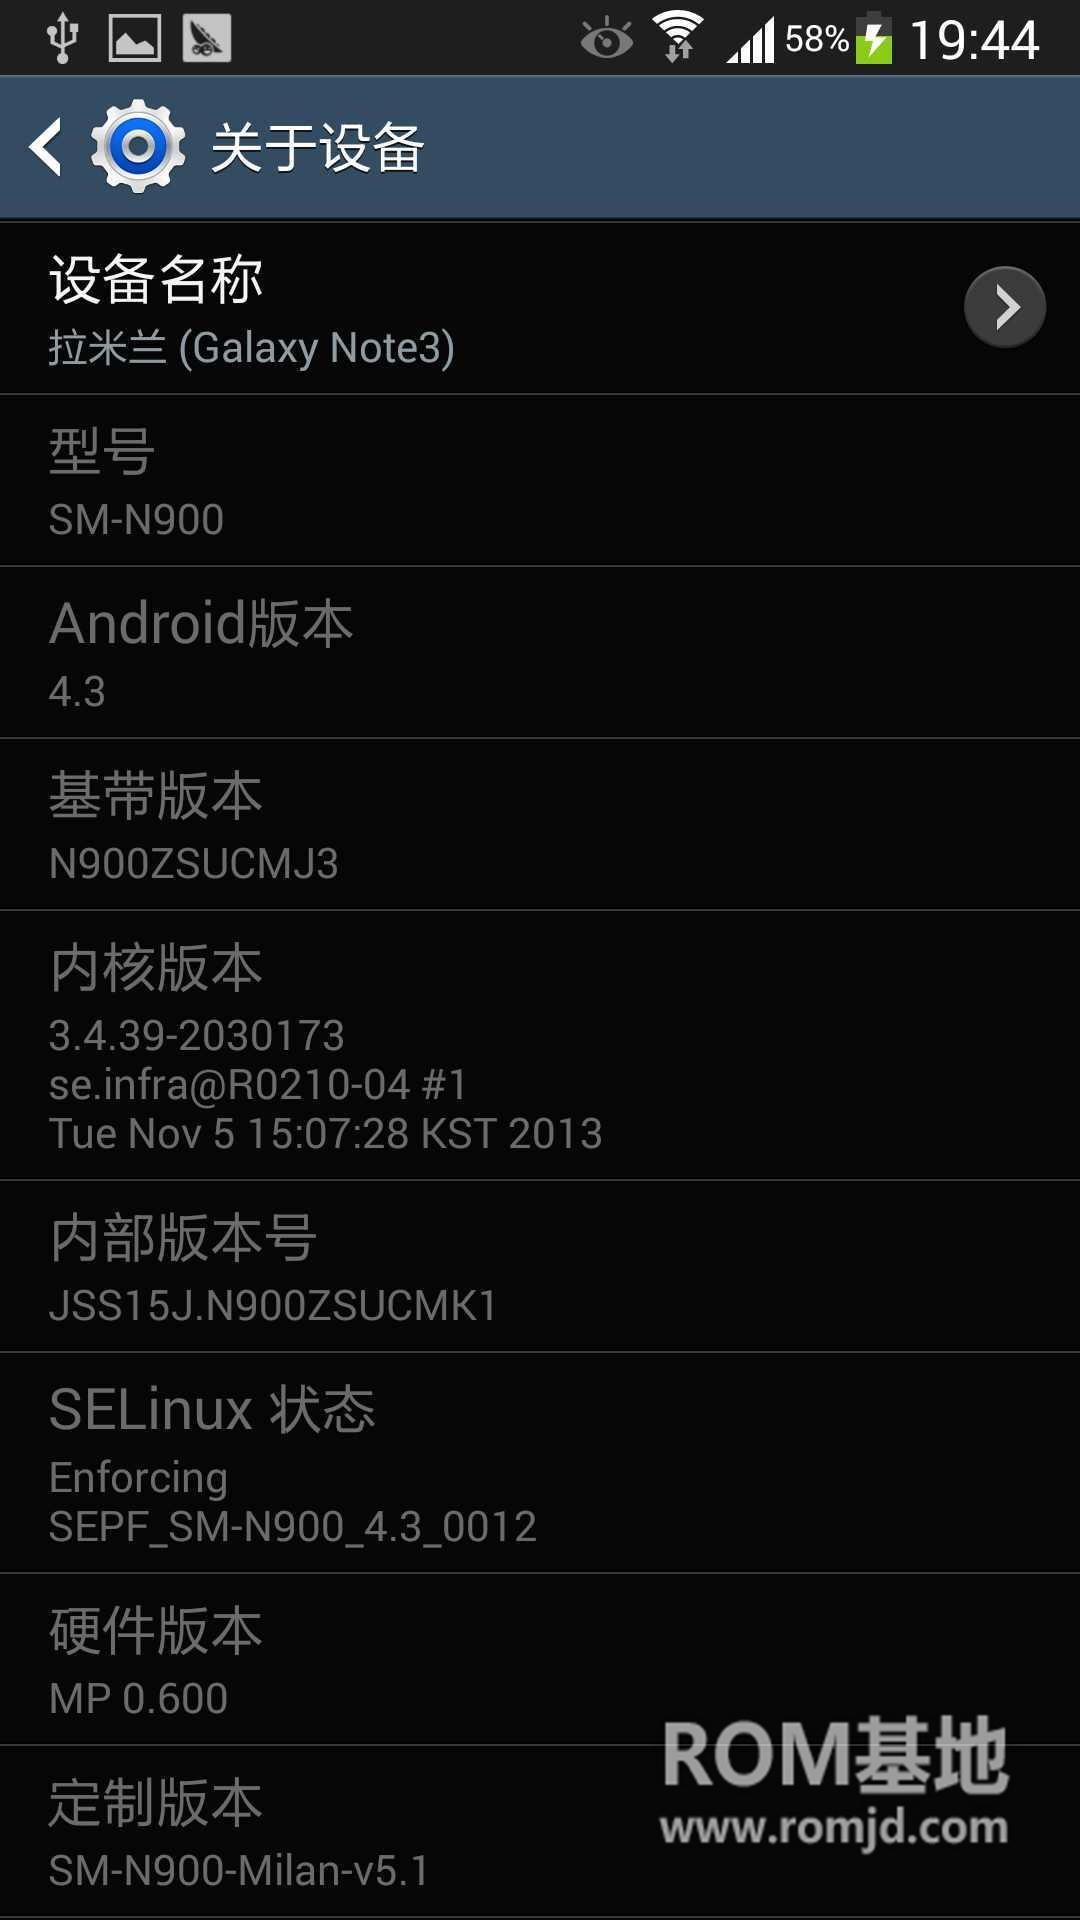 绿化纯净 三星 N900 Note3 基于ZSUCMK1制作 纯净版刷机包ROM刷机包截图